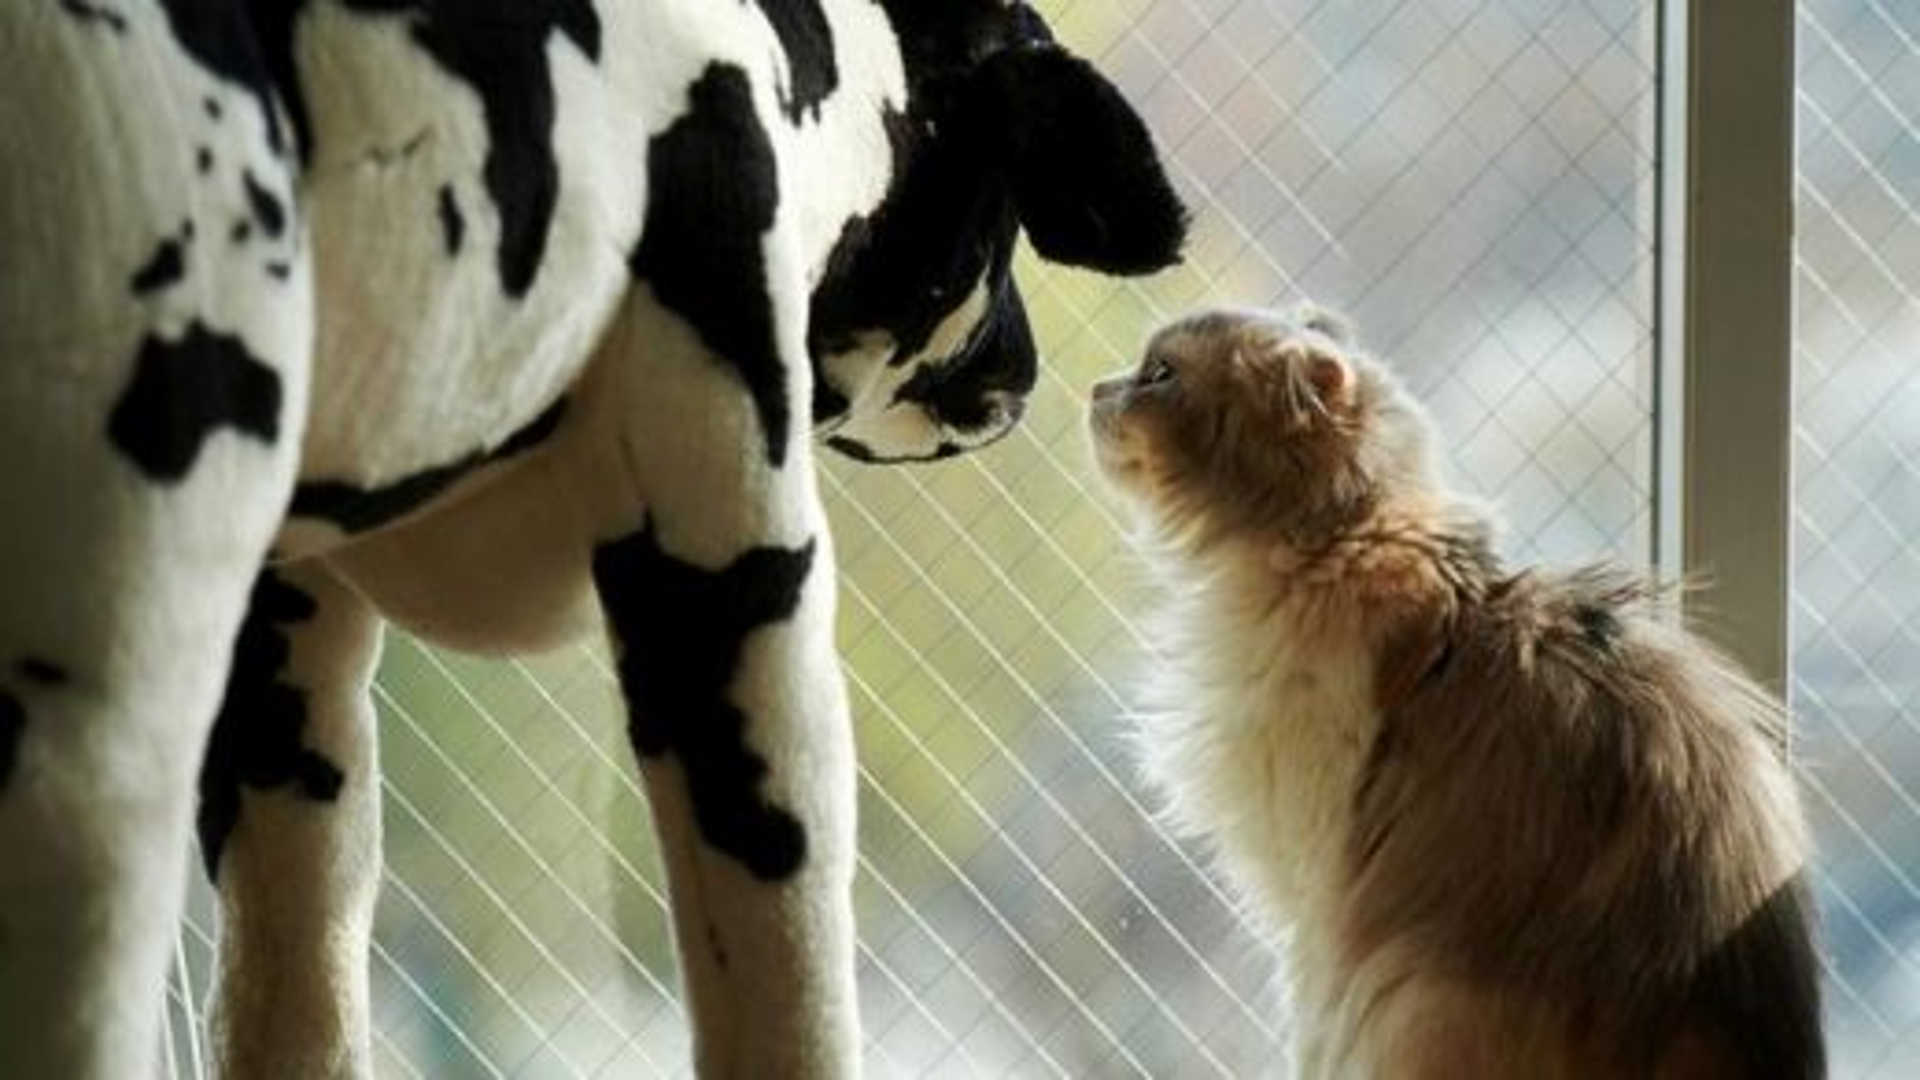 گربه و گاو | تگ